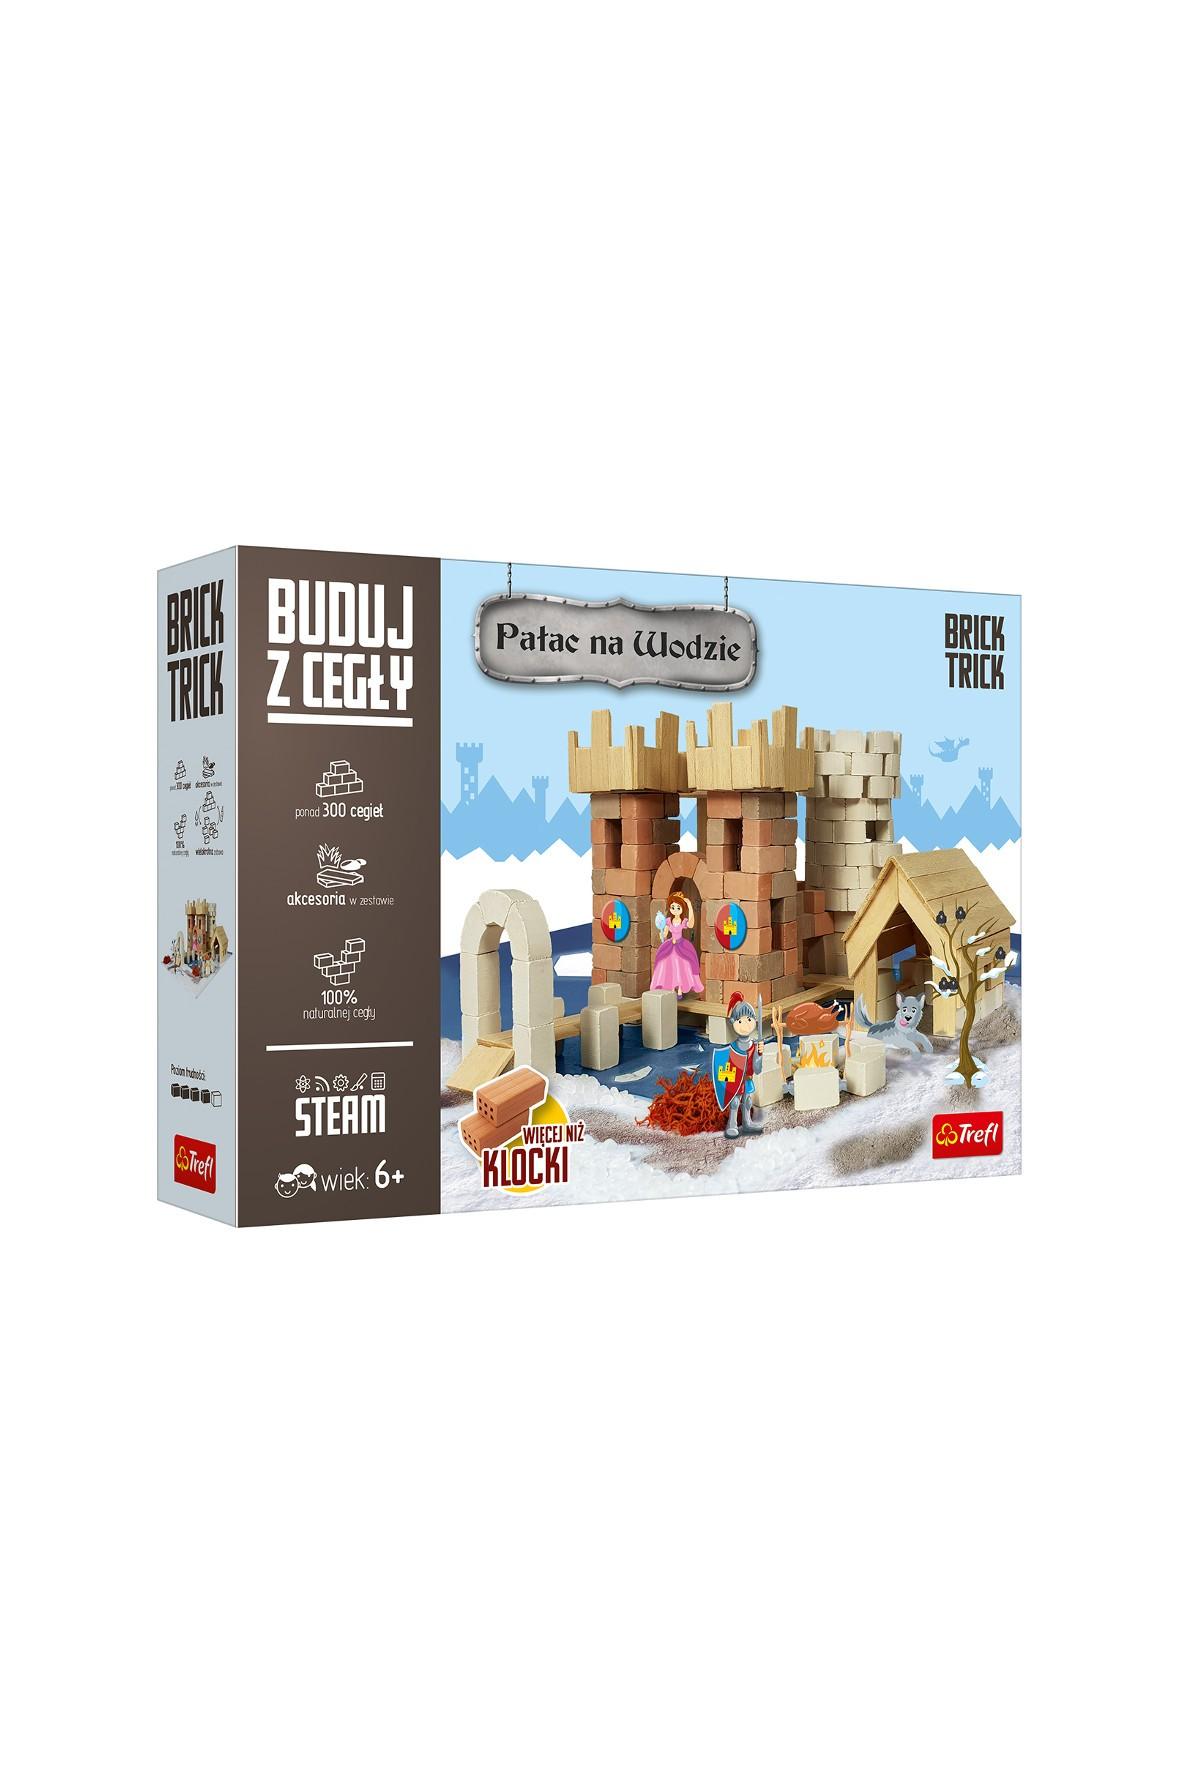 Zestaw do budowania Brick Trick - Pałac na wodzie 300el 6+